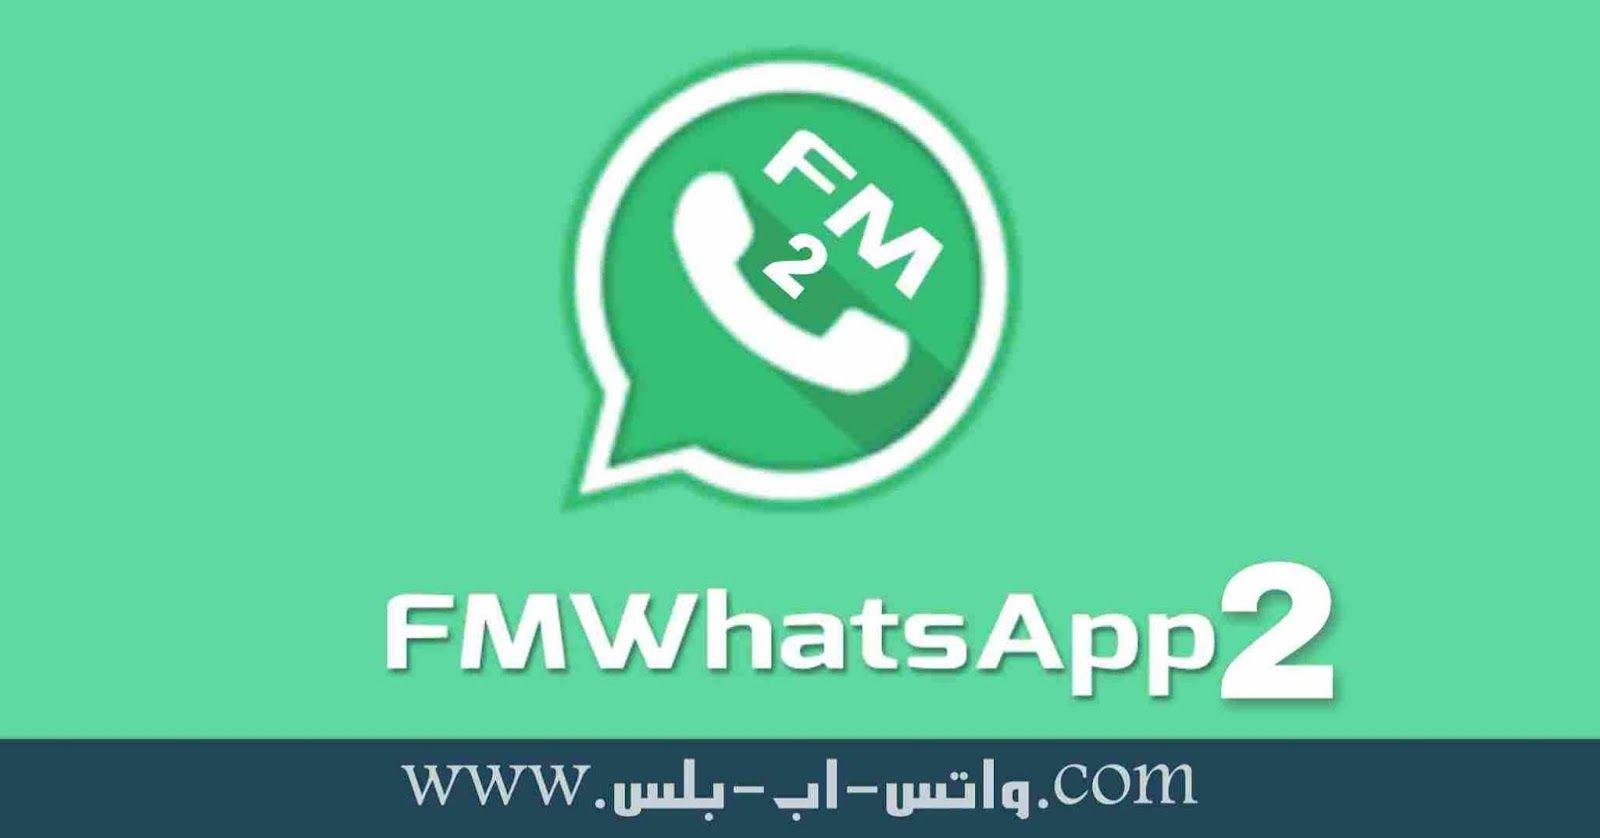 تحميل واتساب فؤاد ٢ Fmwhatsapp2 النسخة الثانية من Fouad Whatsapp 2 لتشغيل رقم واتساب ثاني على نفس الهاتف تنزيل Fmwh British Leyland Logo Leyland Vehicle Logos